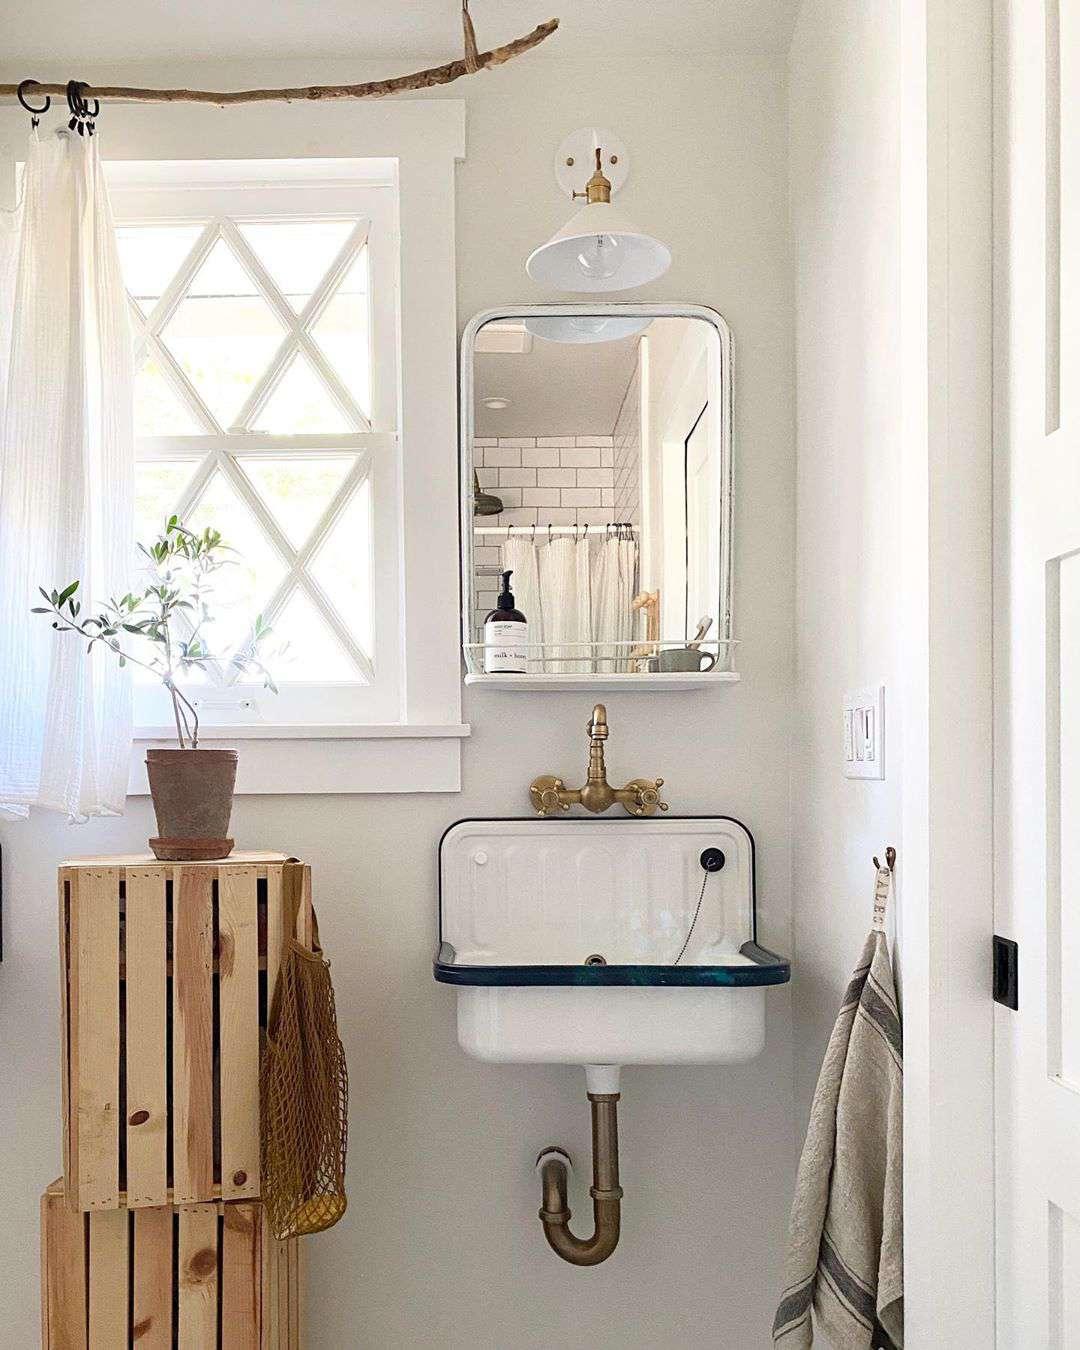 Bathroom with farmhouse sink